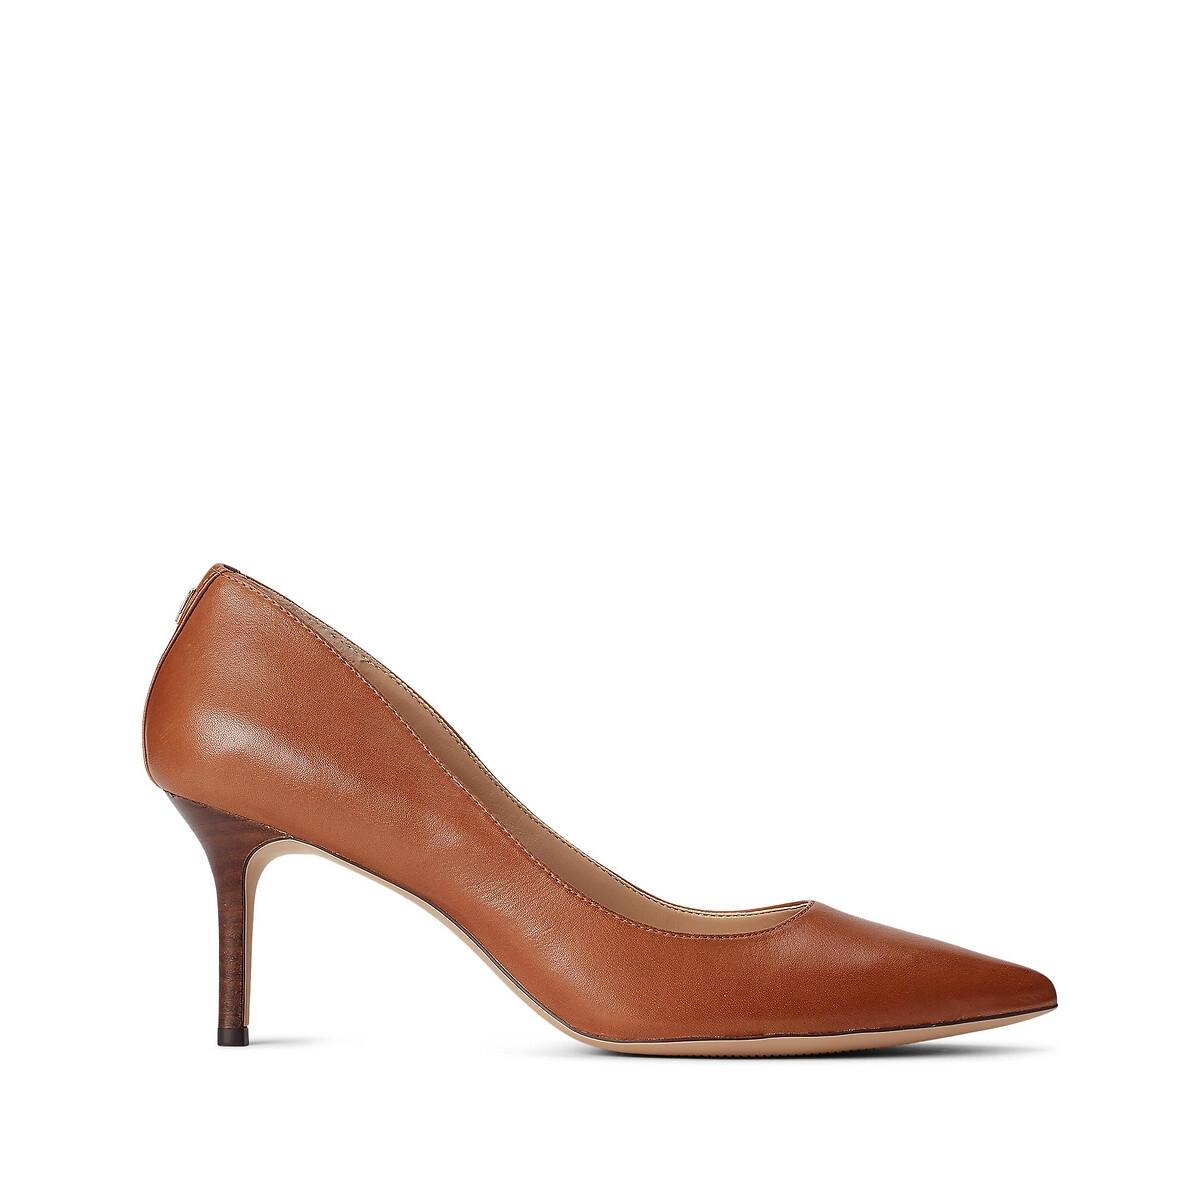 Туфли LaRedoute Из кожи на каблуке-шпильке 36 каштановый